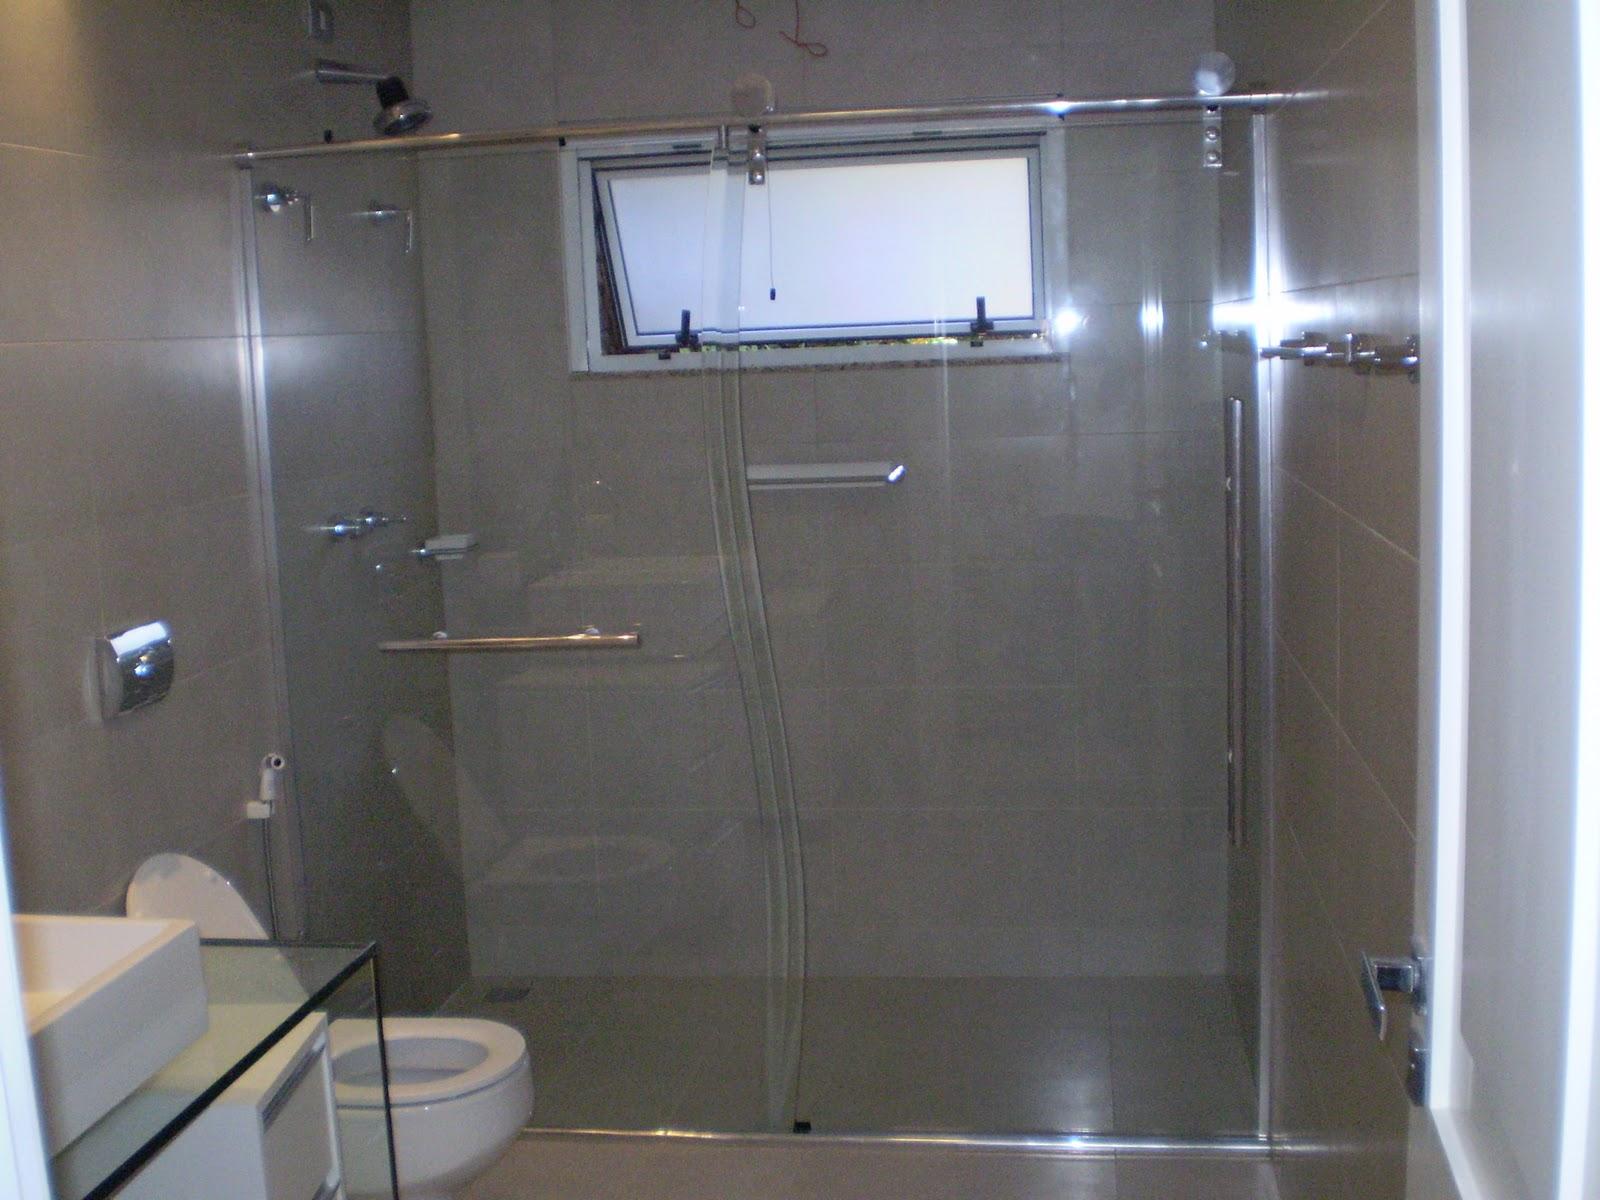 Imagens de #425E89 MULTIBOX VIDROS TEMPERADOS (54) 3228 60 57 1600x1200 px 2182 Box De Vidro Para Banheiro Jaragua Do Sul